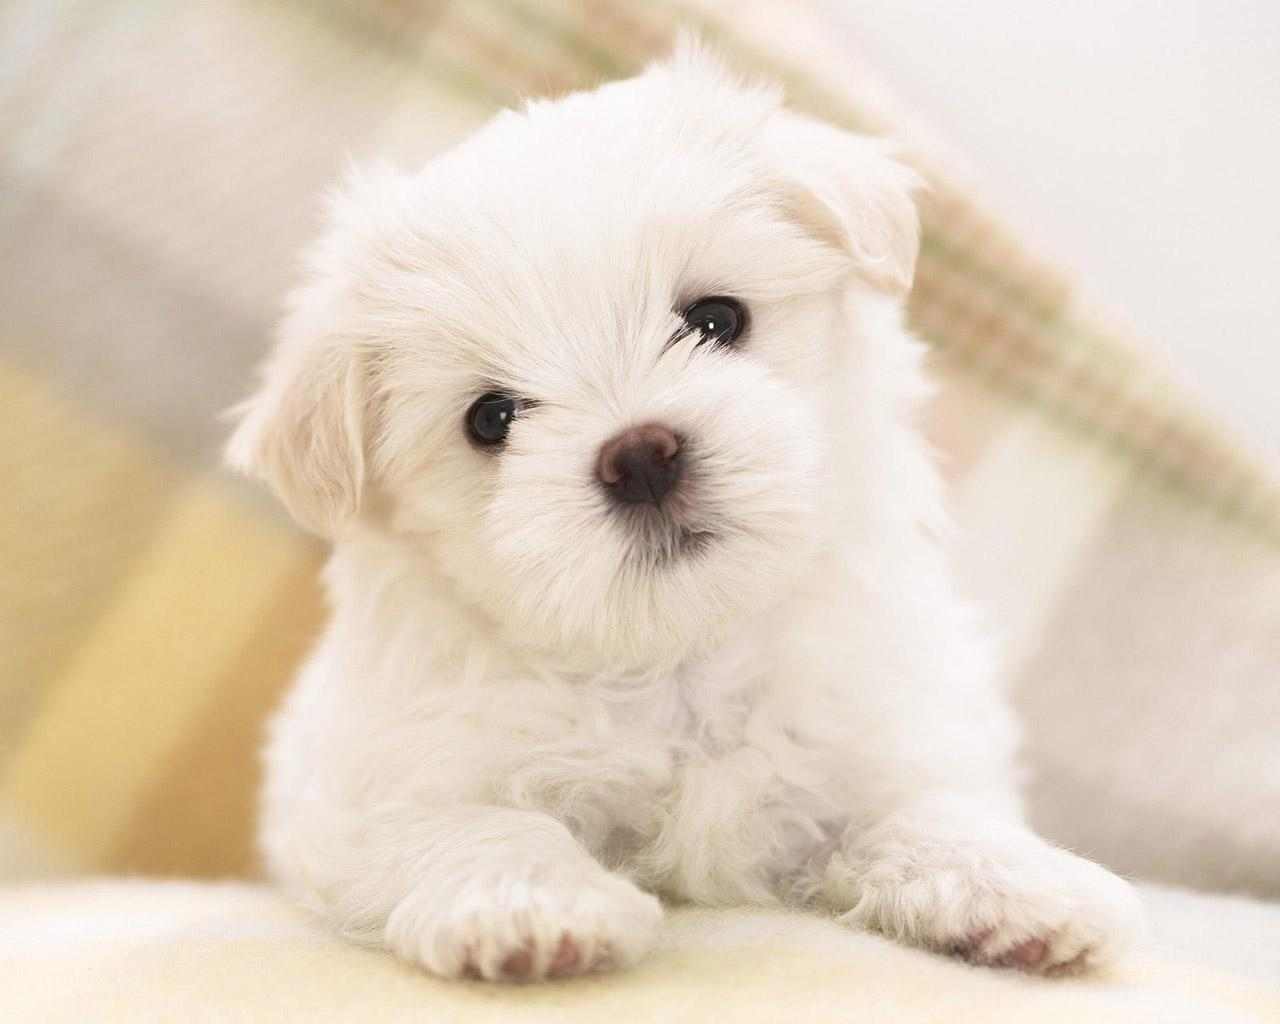 Cute Wallpaper   Teddybear64 Wallpaper 20682571 1280x1024